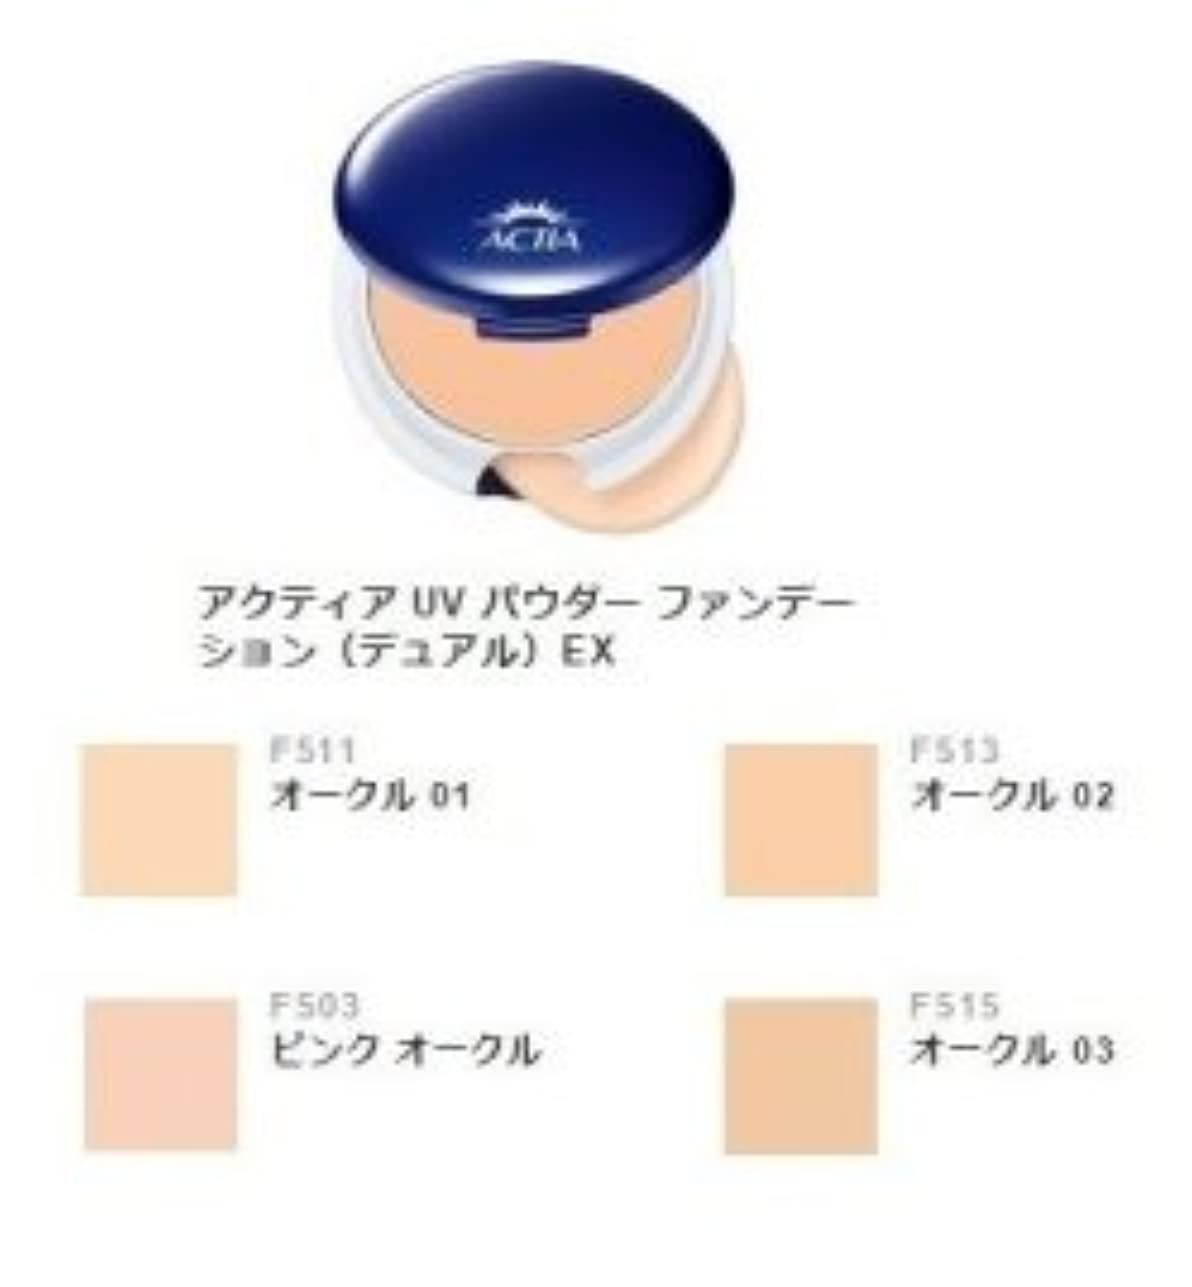 普遍的な合成カートエイボン(AVON) アクティア UV パウダーファンデーション(デュアル)EX(リフィル) F503 ピンクオークル